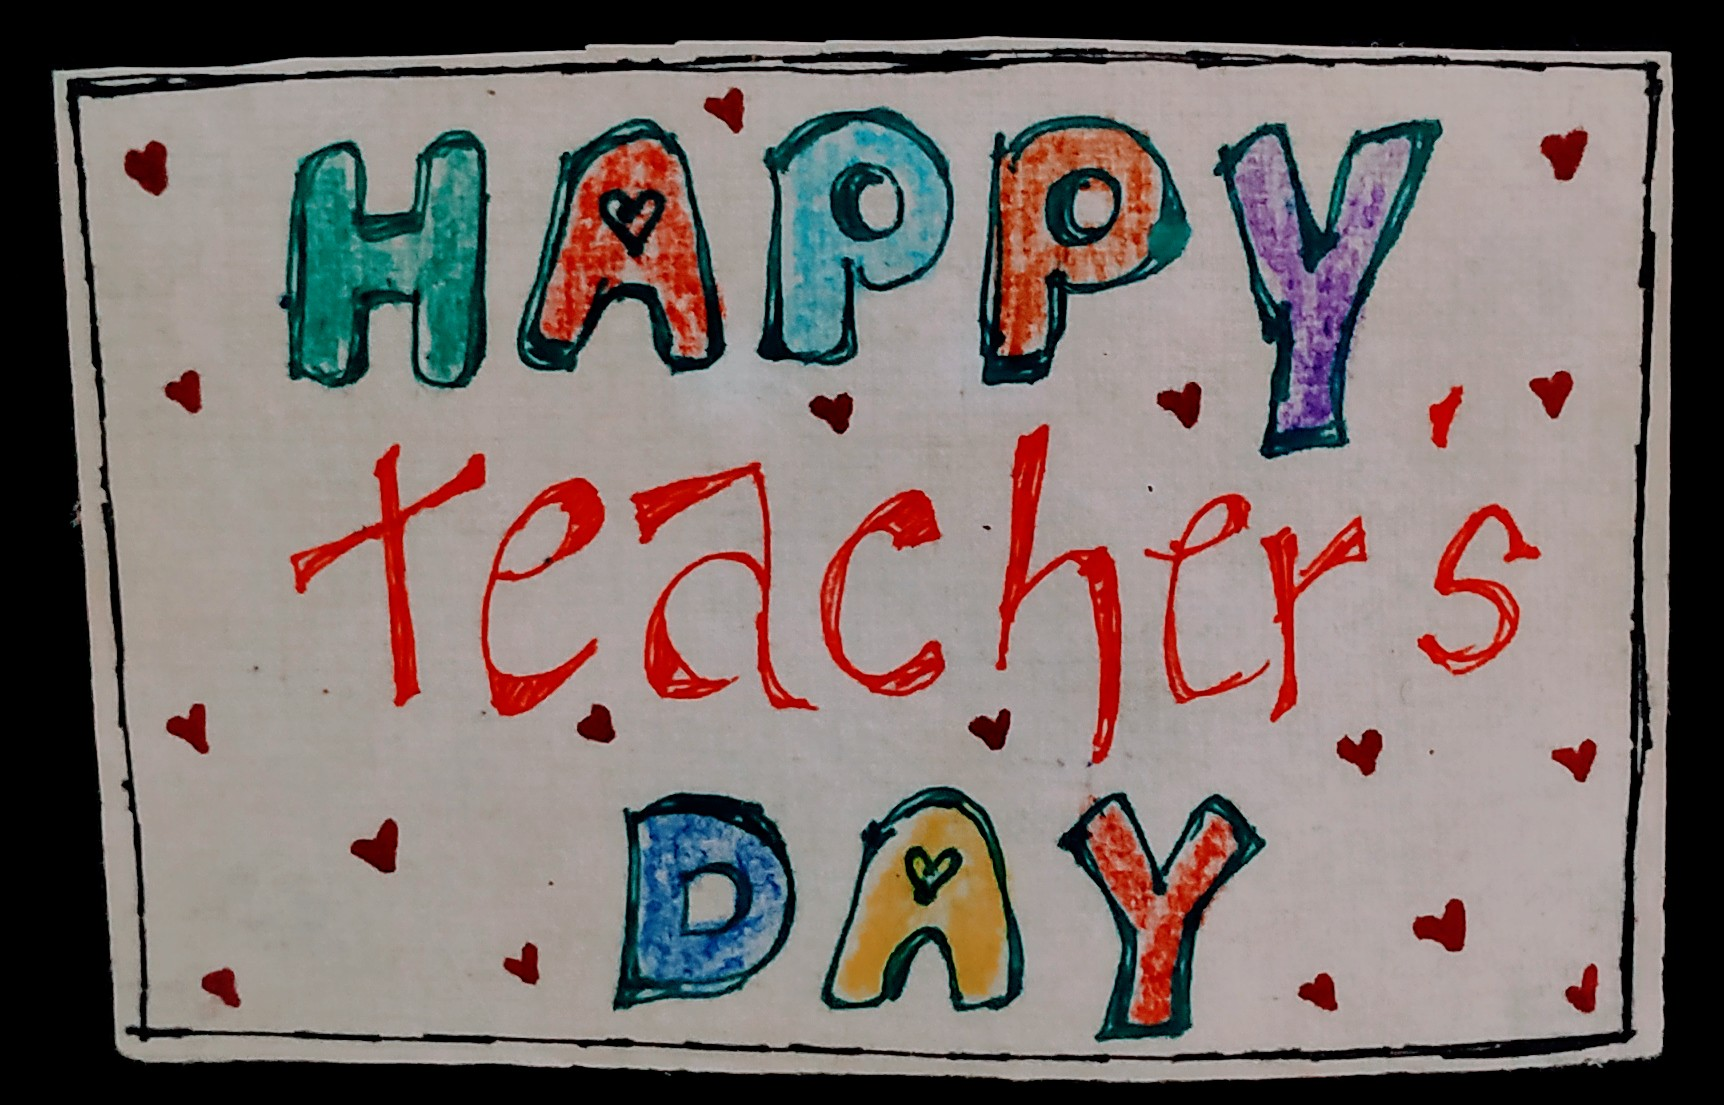 Happy Teachers Day - Teachers day wishes